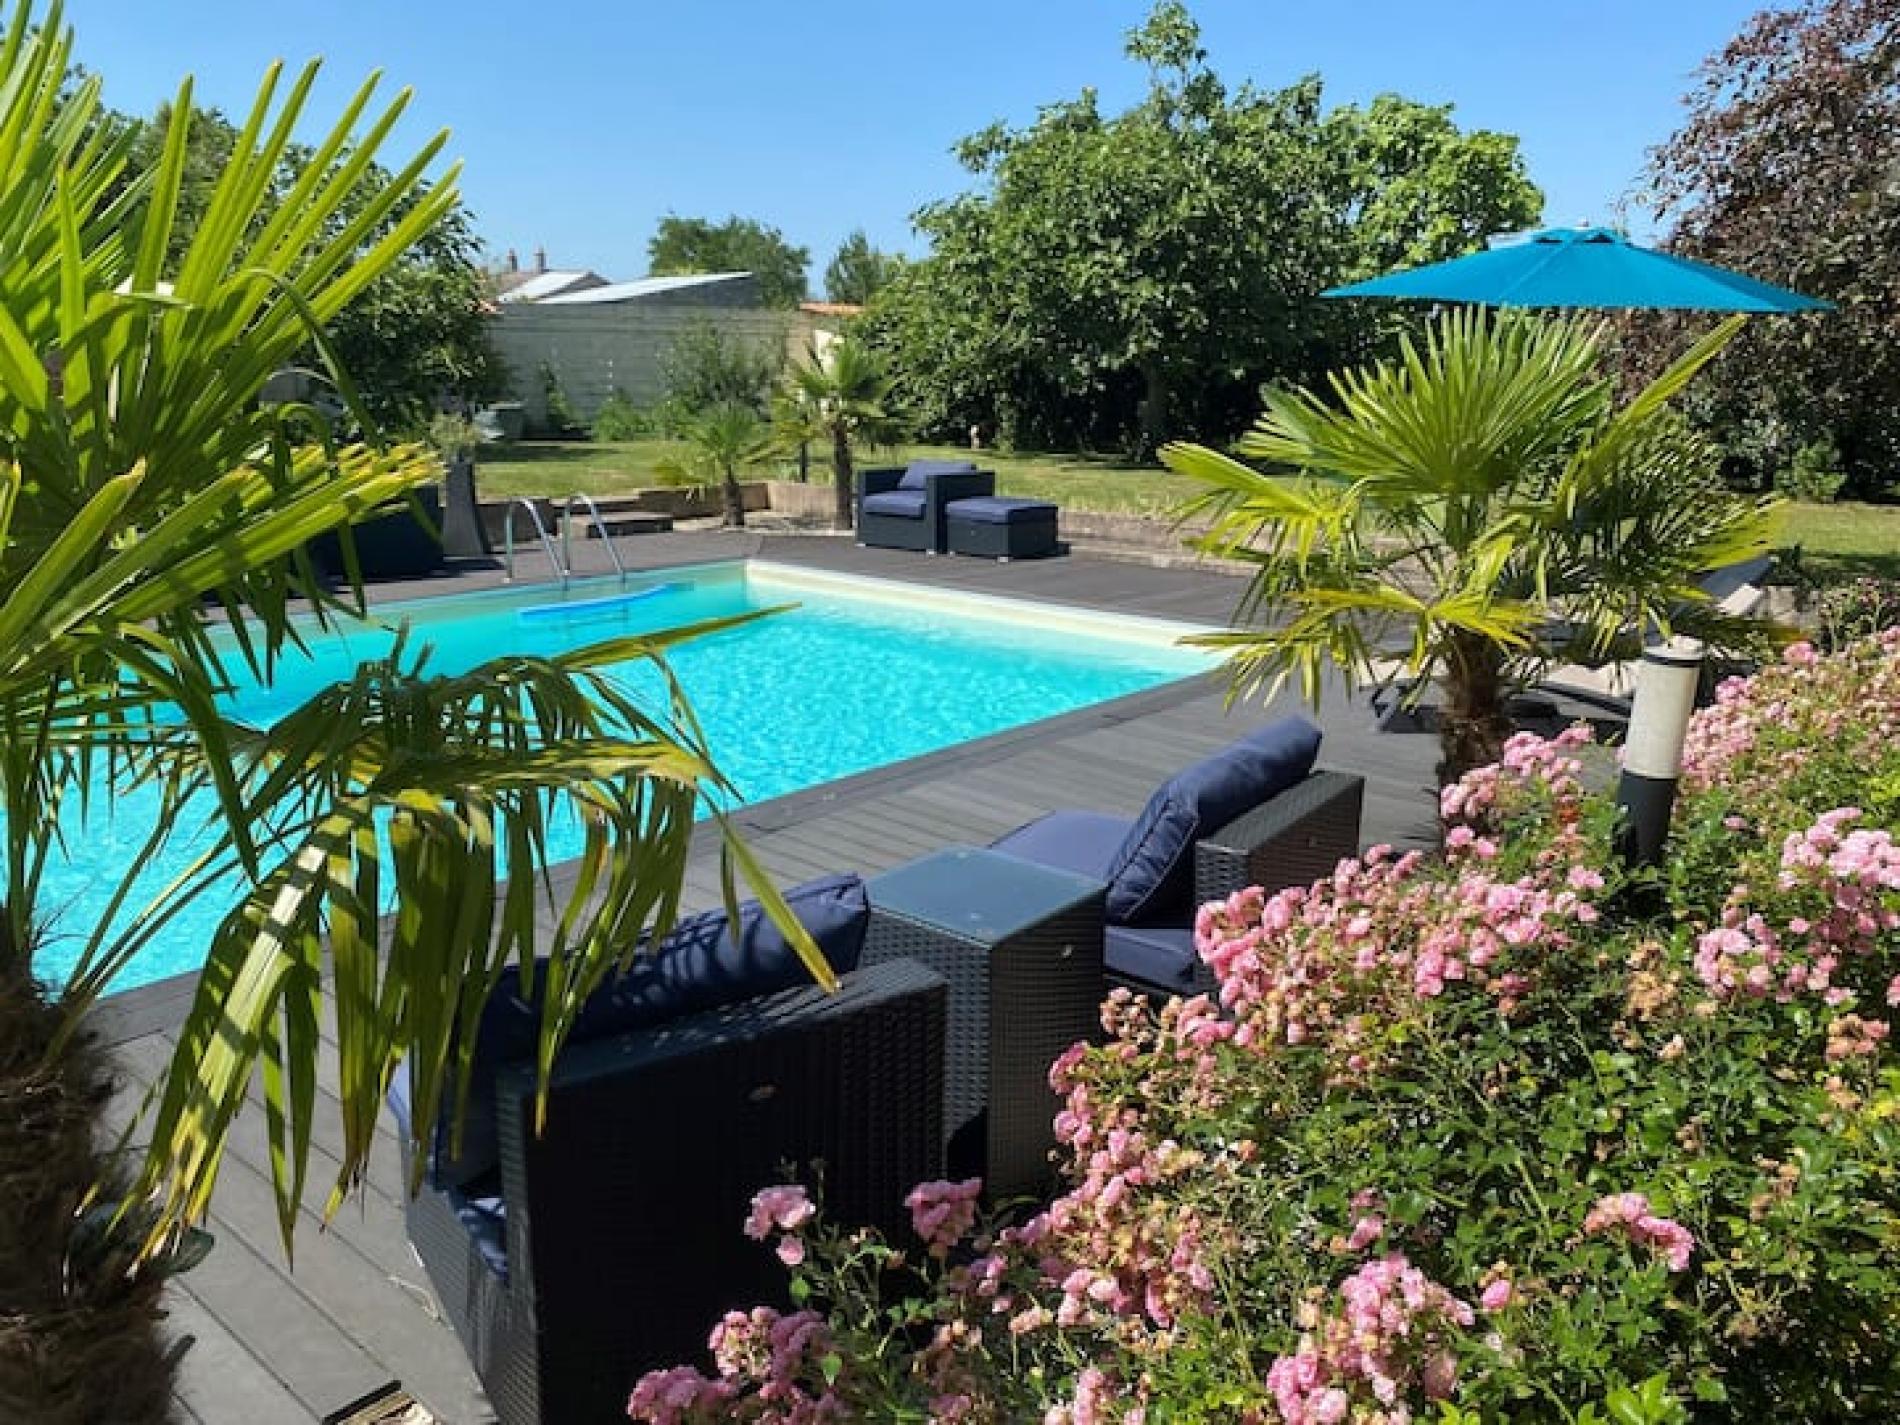 Maison de vacances avec piscine chauffée